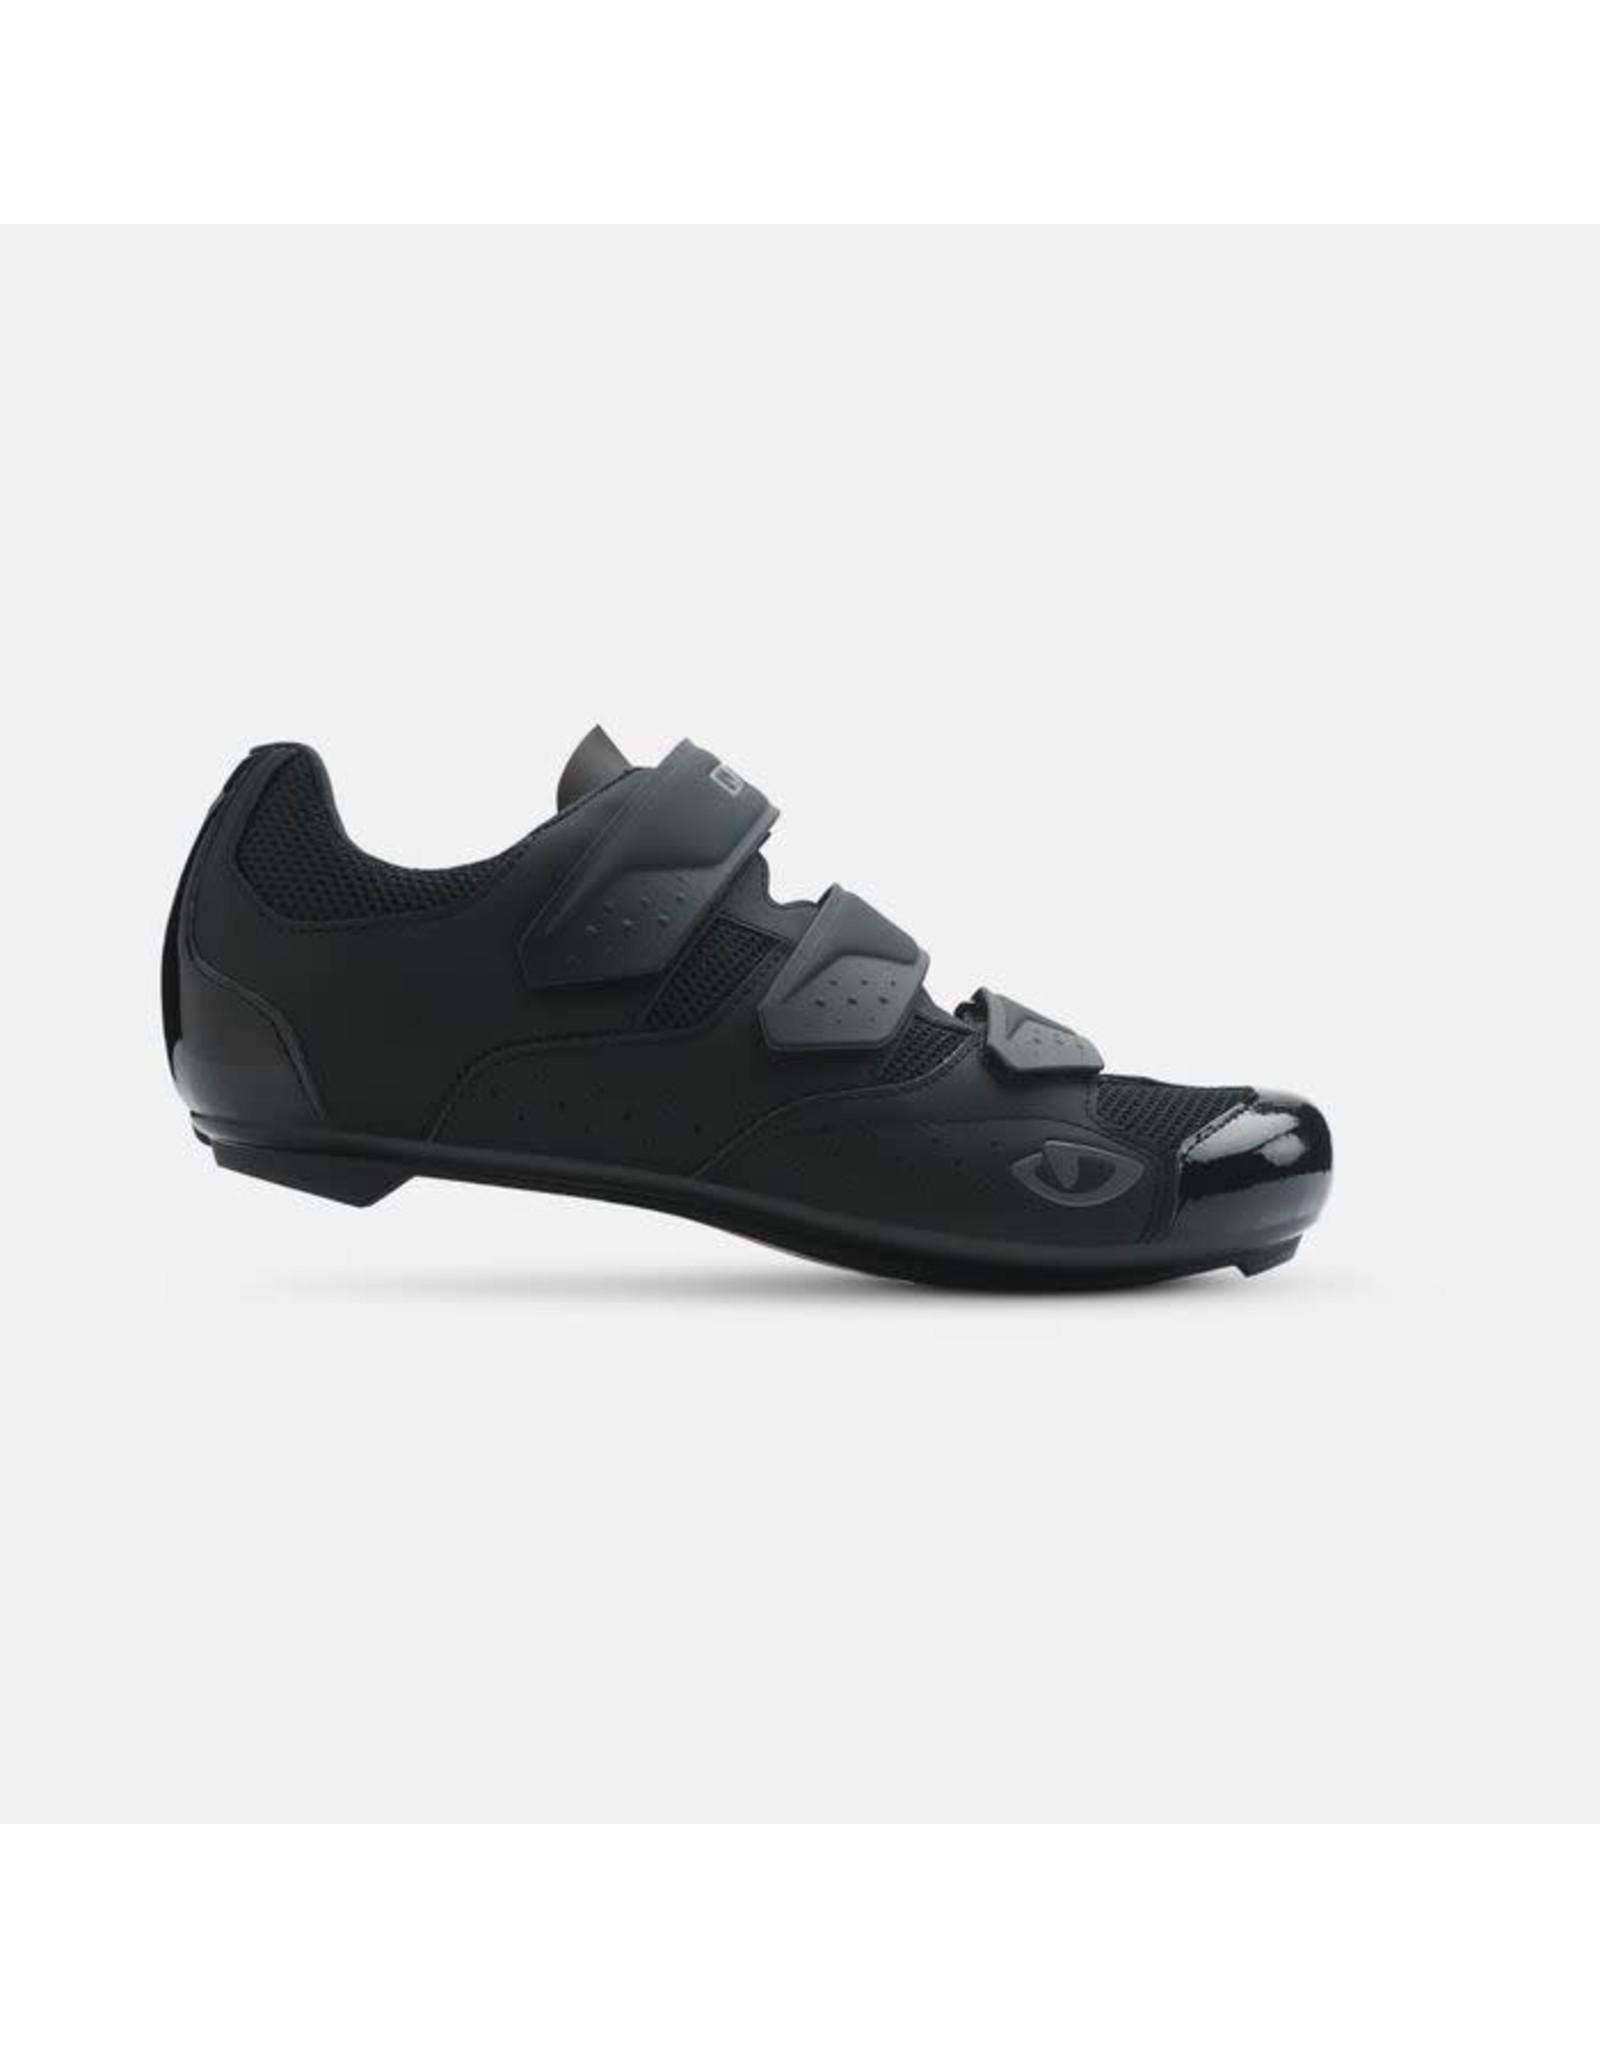 Giro Cycling Giro Techne Road Shoe